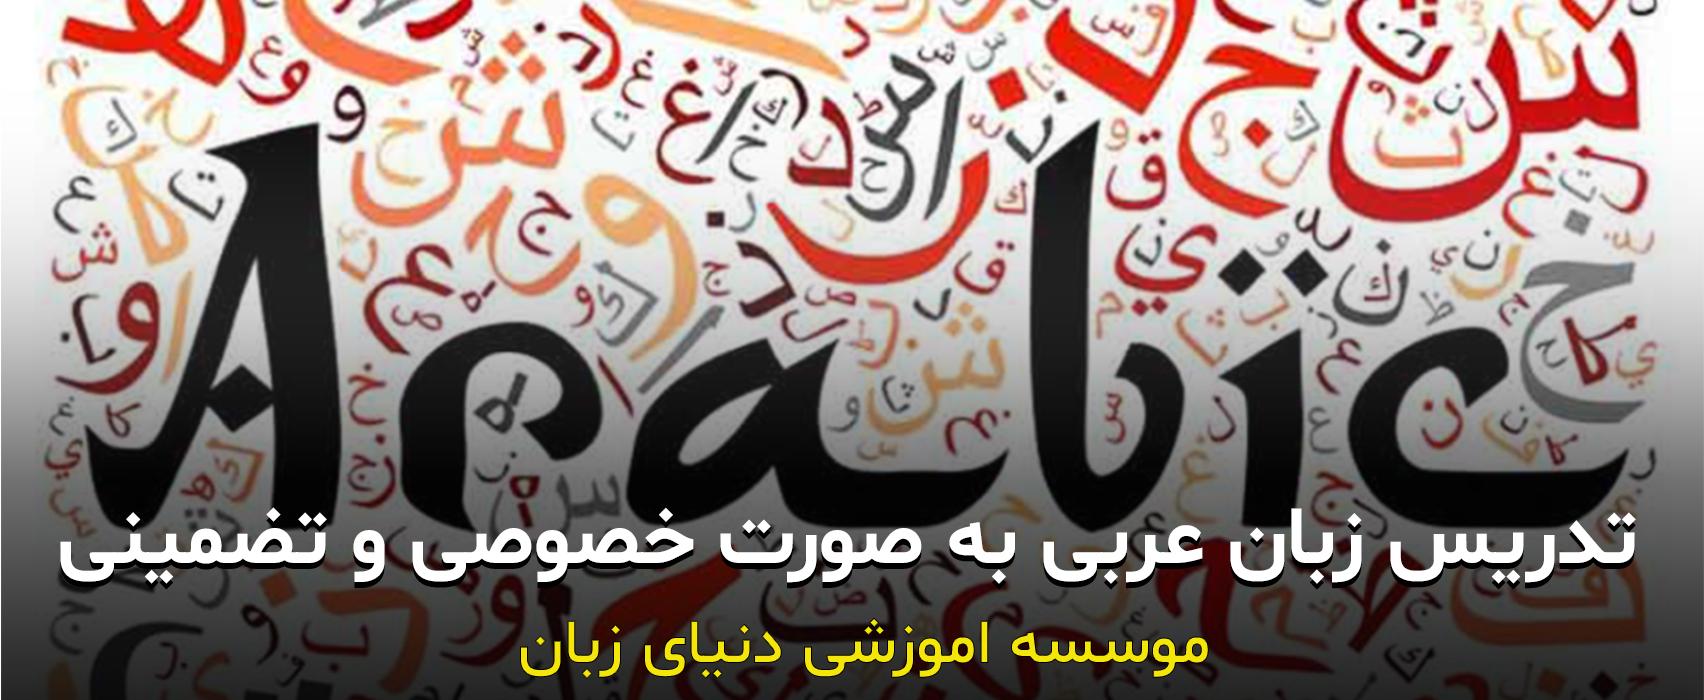 تدریس زبان عربی به صورت خصوصی